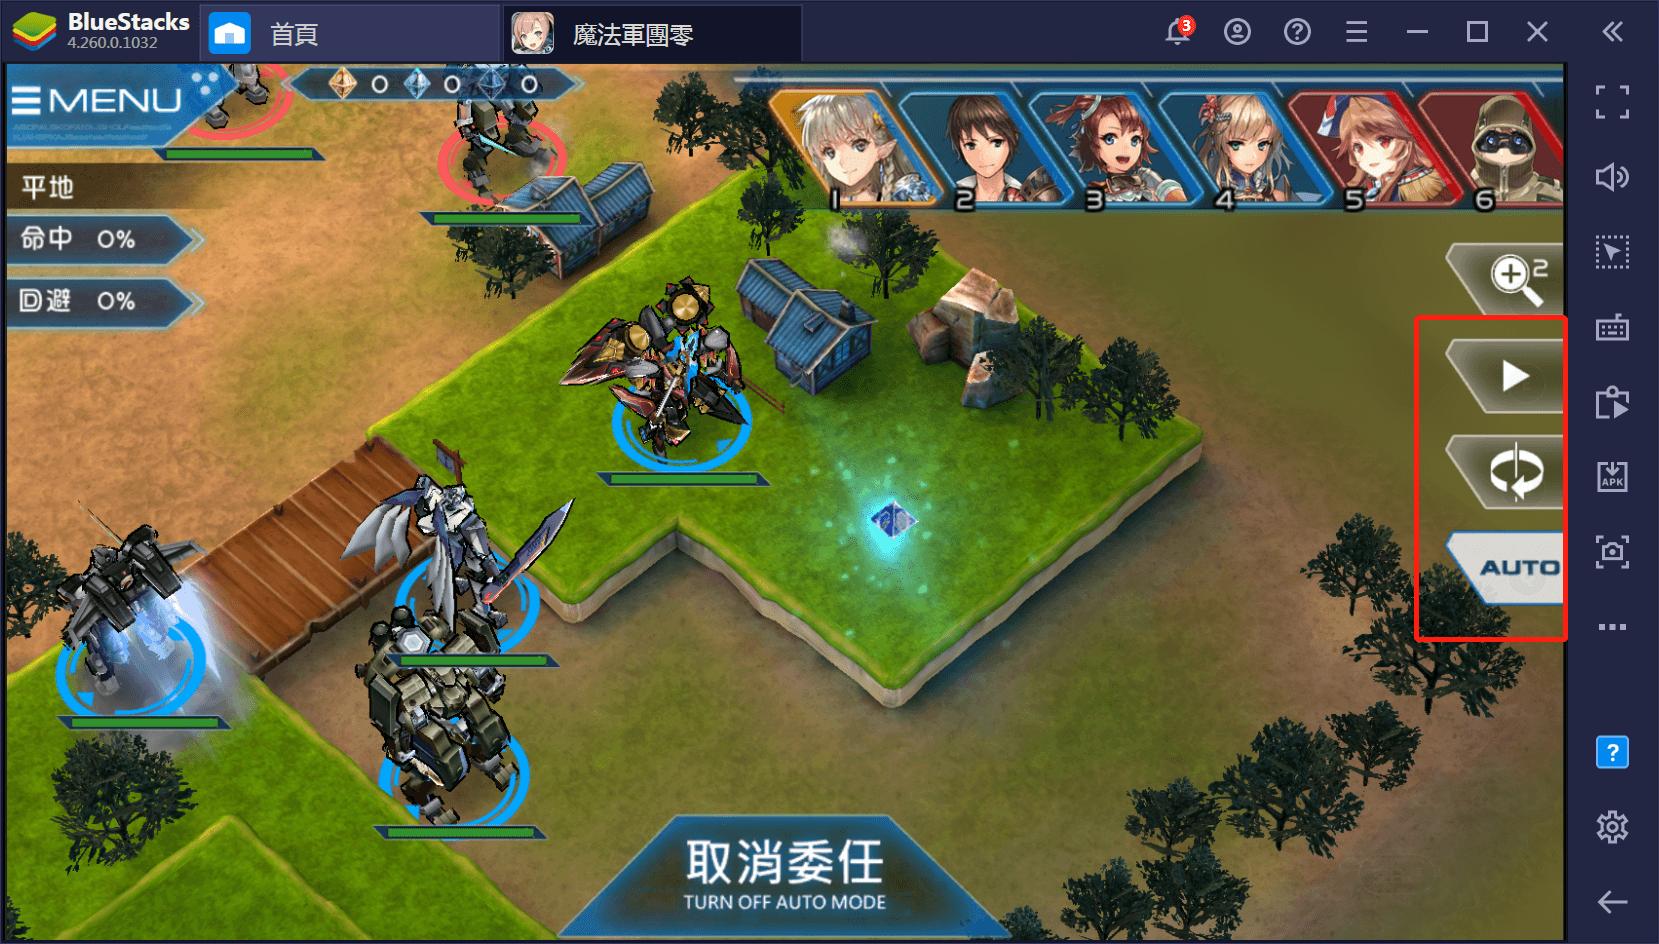 使用BlueStacks在PC上遊玩機甲戰棋手機遊戲《魔法軍團零》